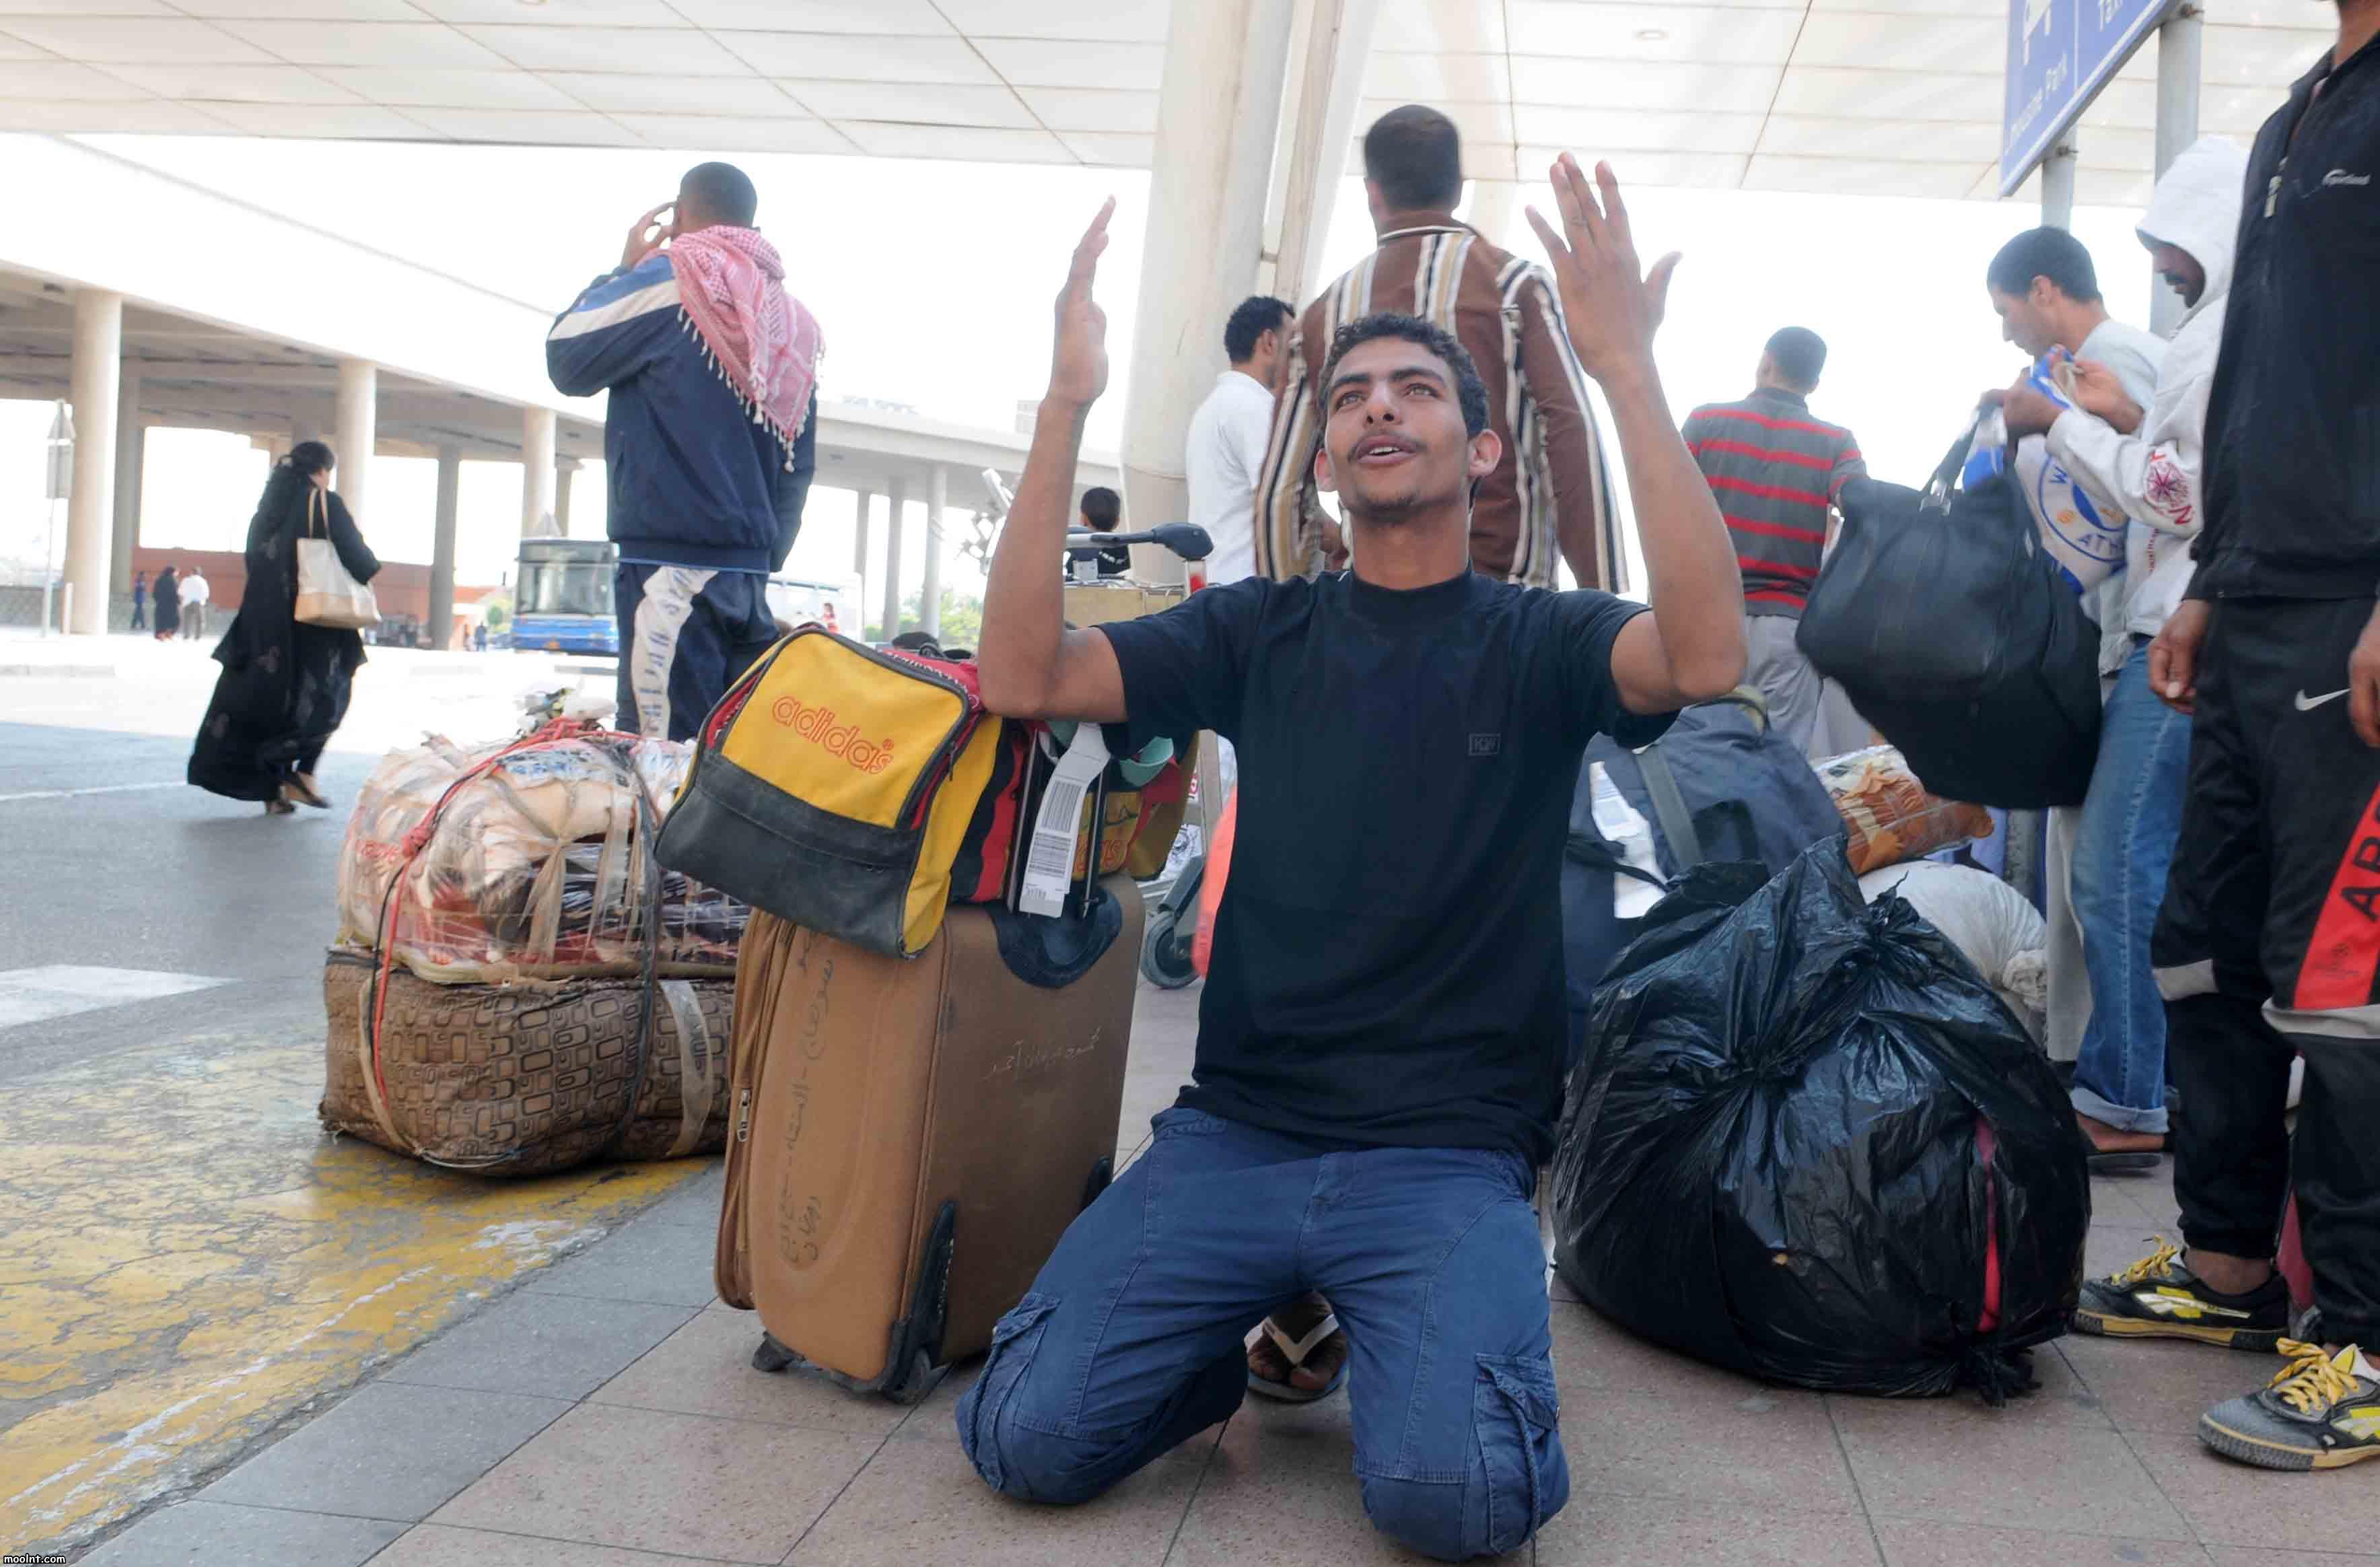 قطر لم تمنع العمالة المصرية من دخول أراضيها